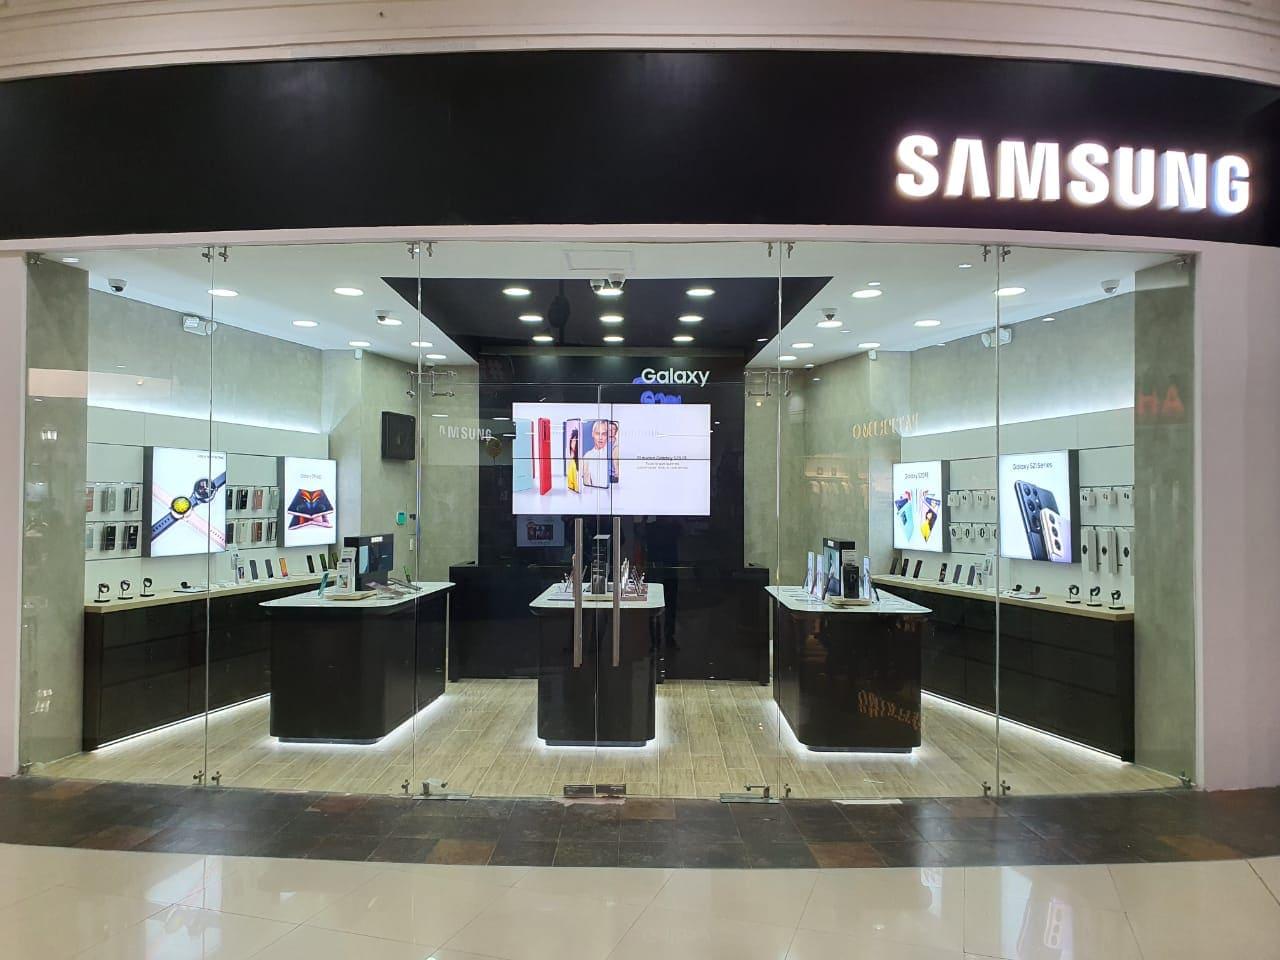 Samsung abrirá nuevos centros de experiencia en Manta, Machala y Ambato